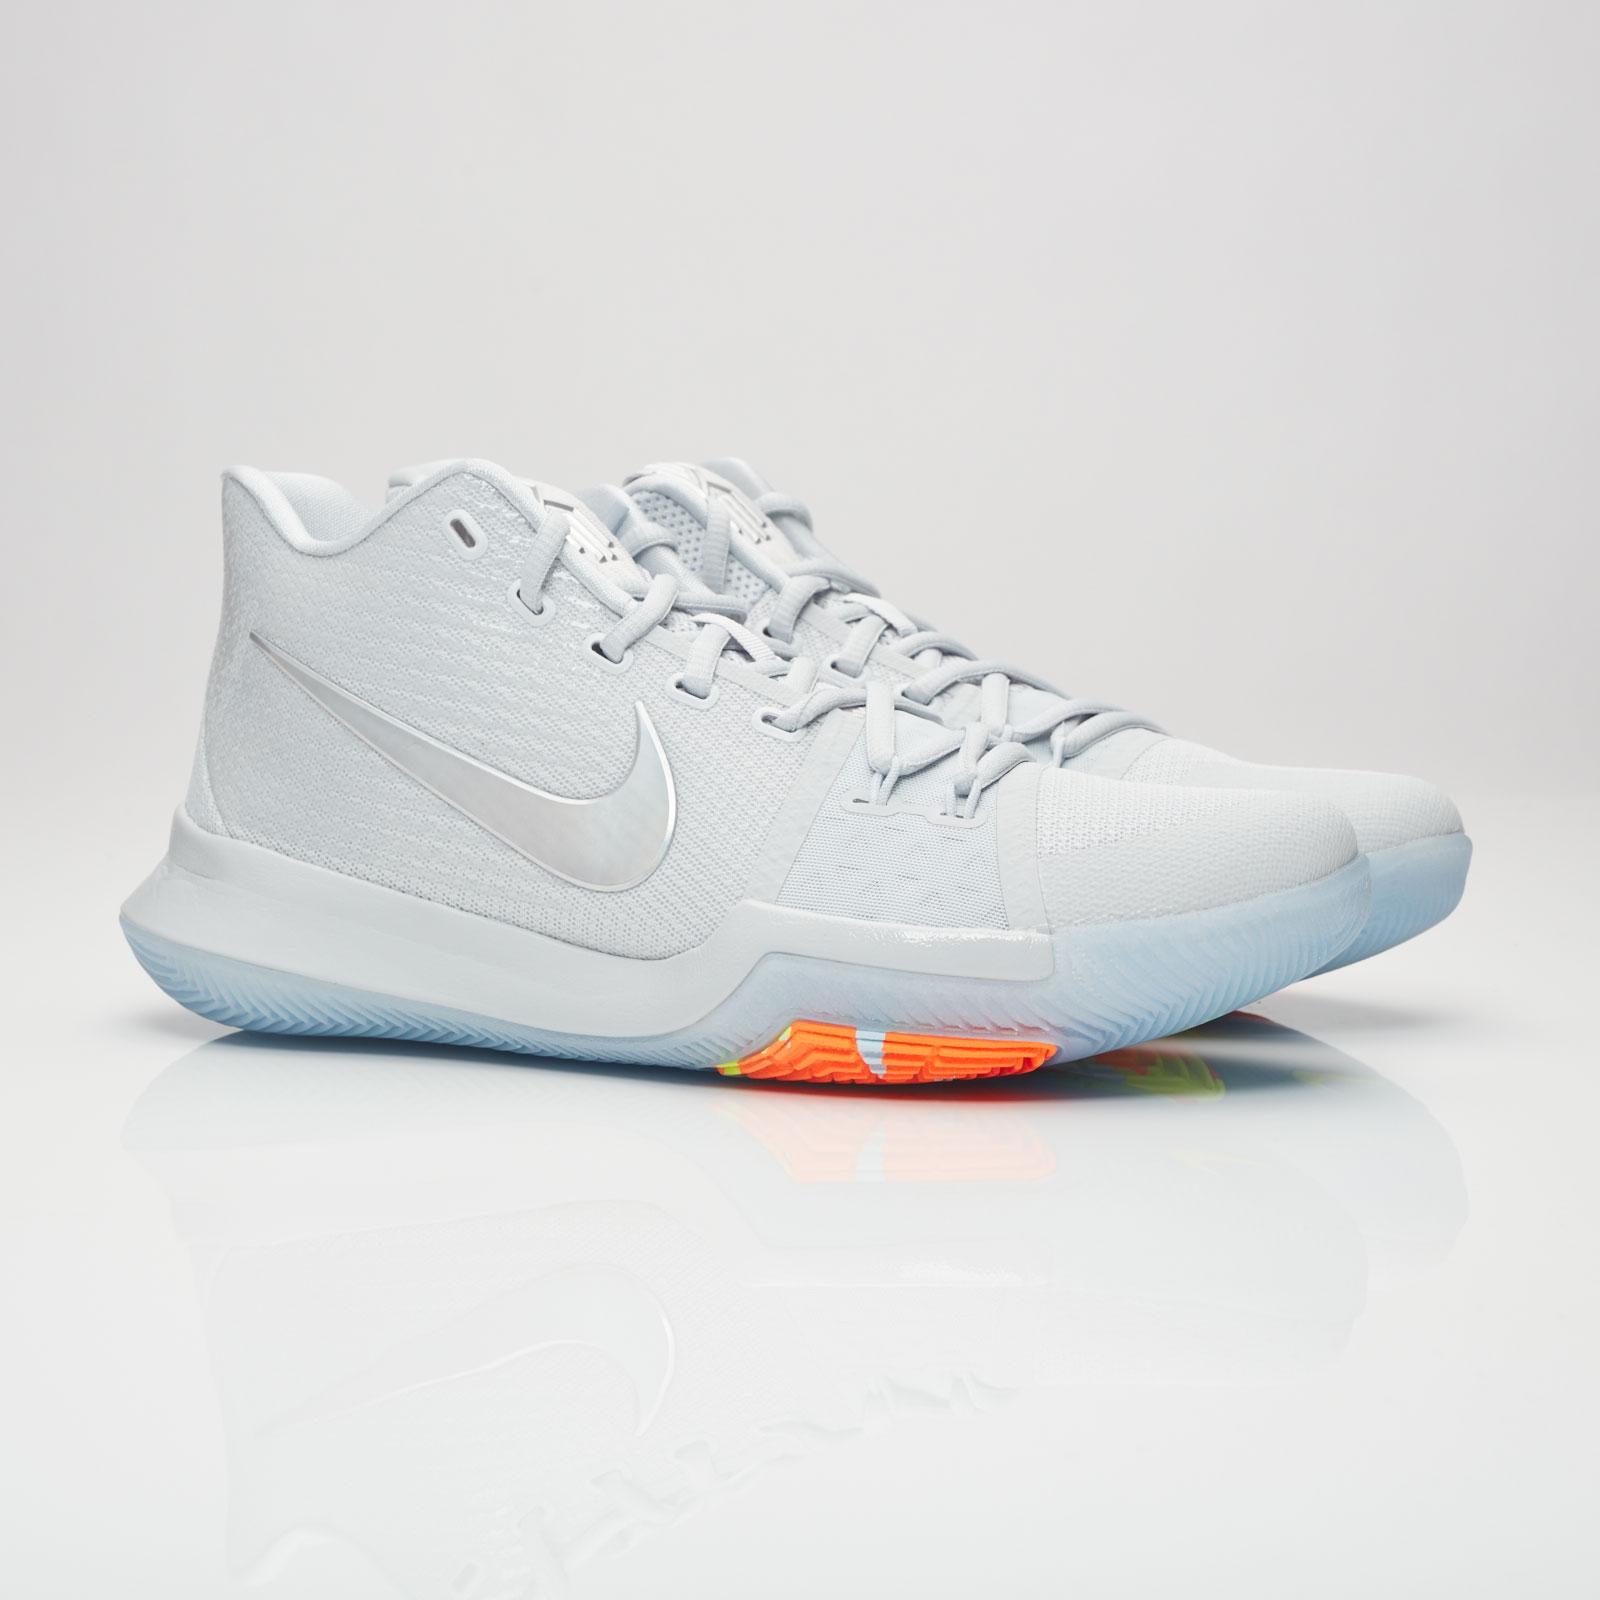 pretty nice 9070f 6d0ef Nike Kyrie 3 Ts - 852416-001 - Sneakersnstuff | sneakers ...